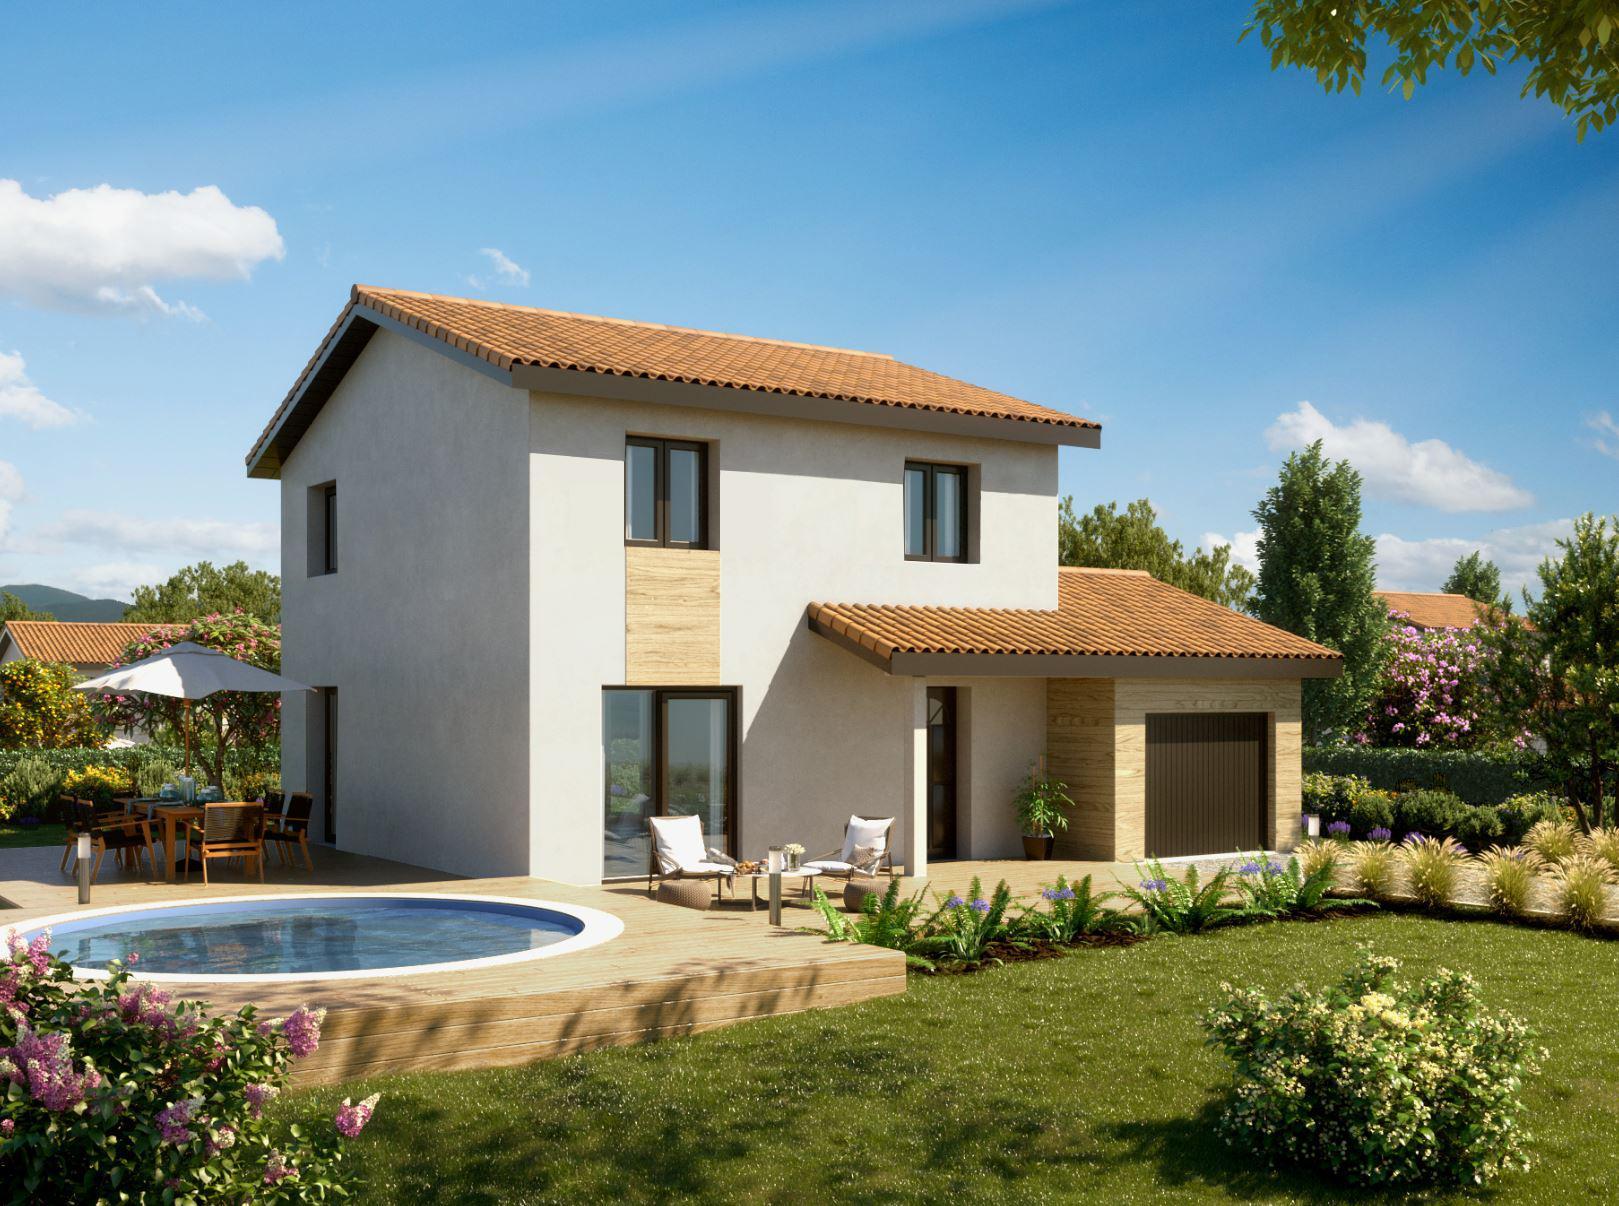 Maisons + Terrains du constructeur MAISONS PUNCH • 94 m² • SAINT VERAND